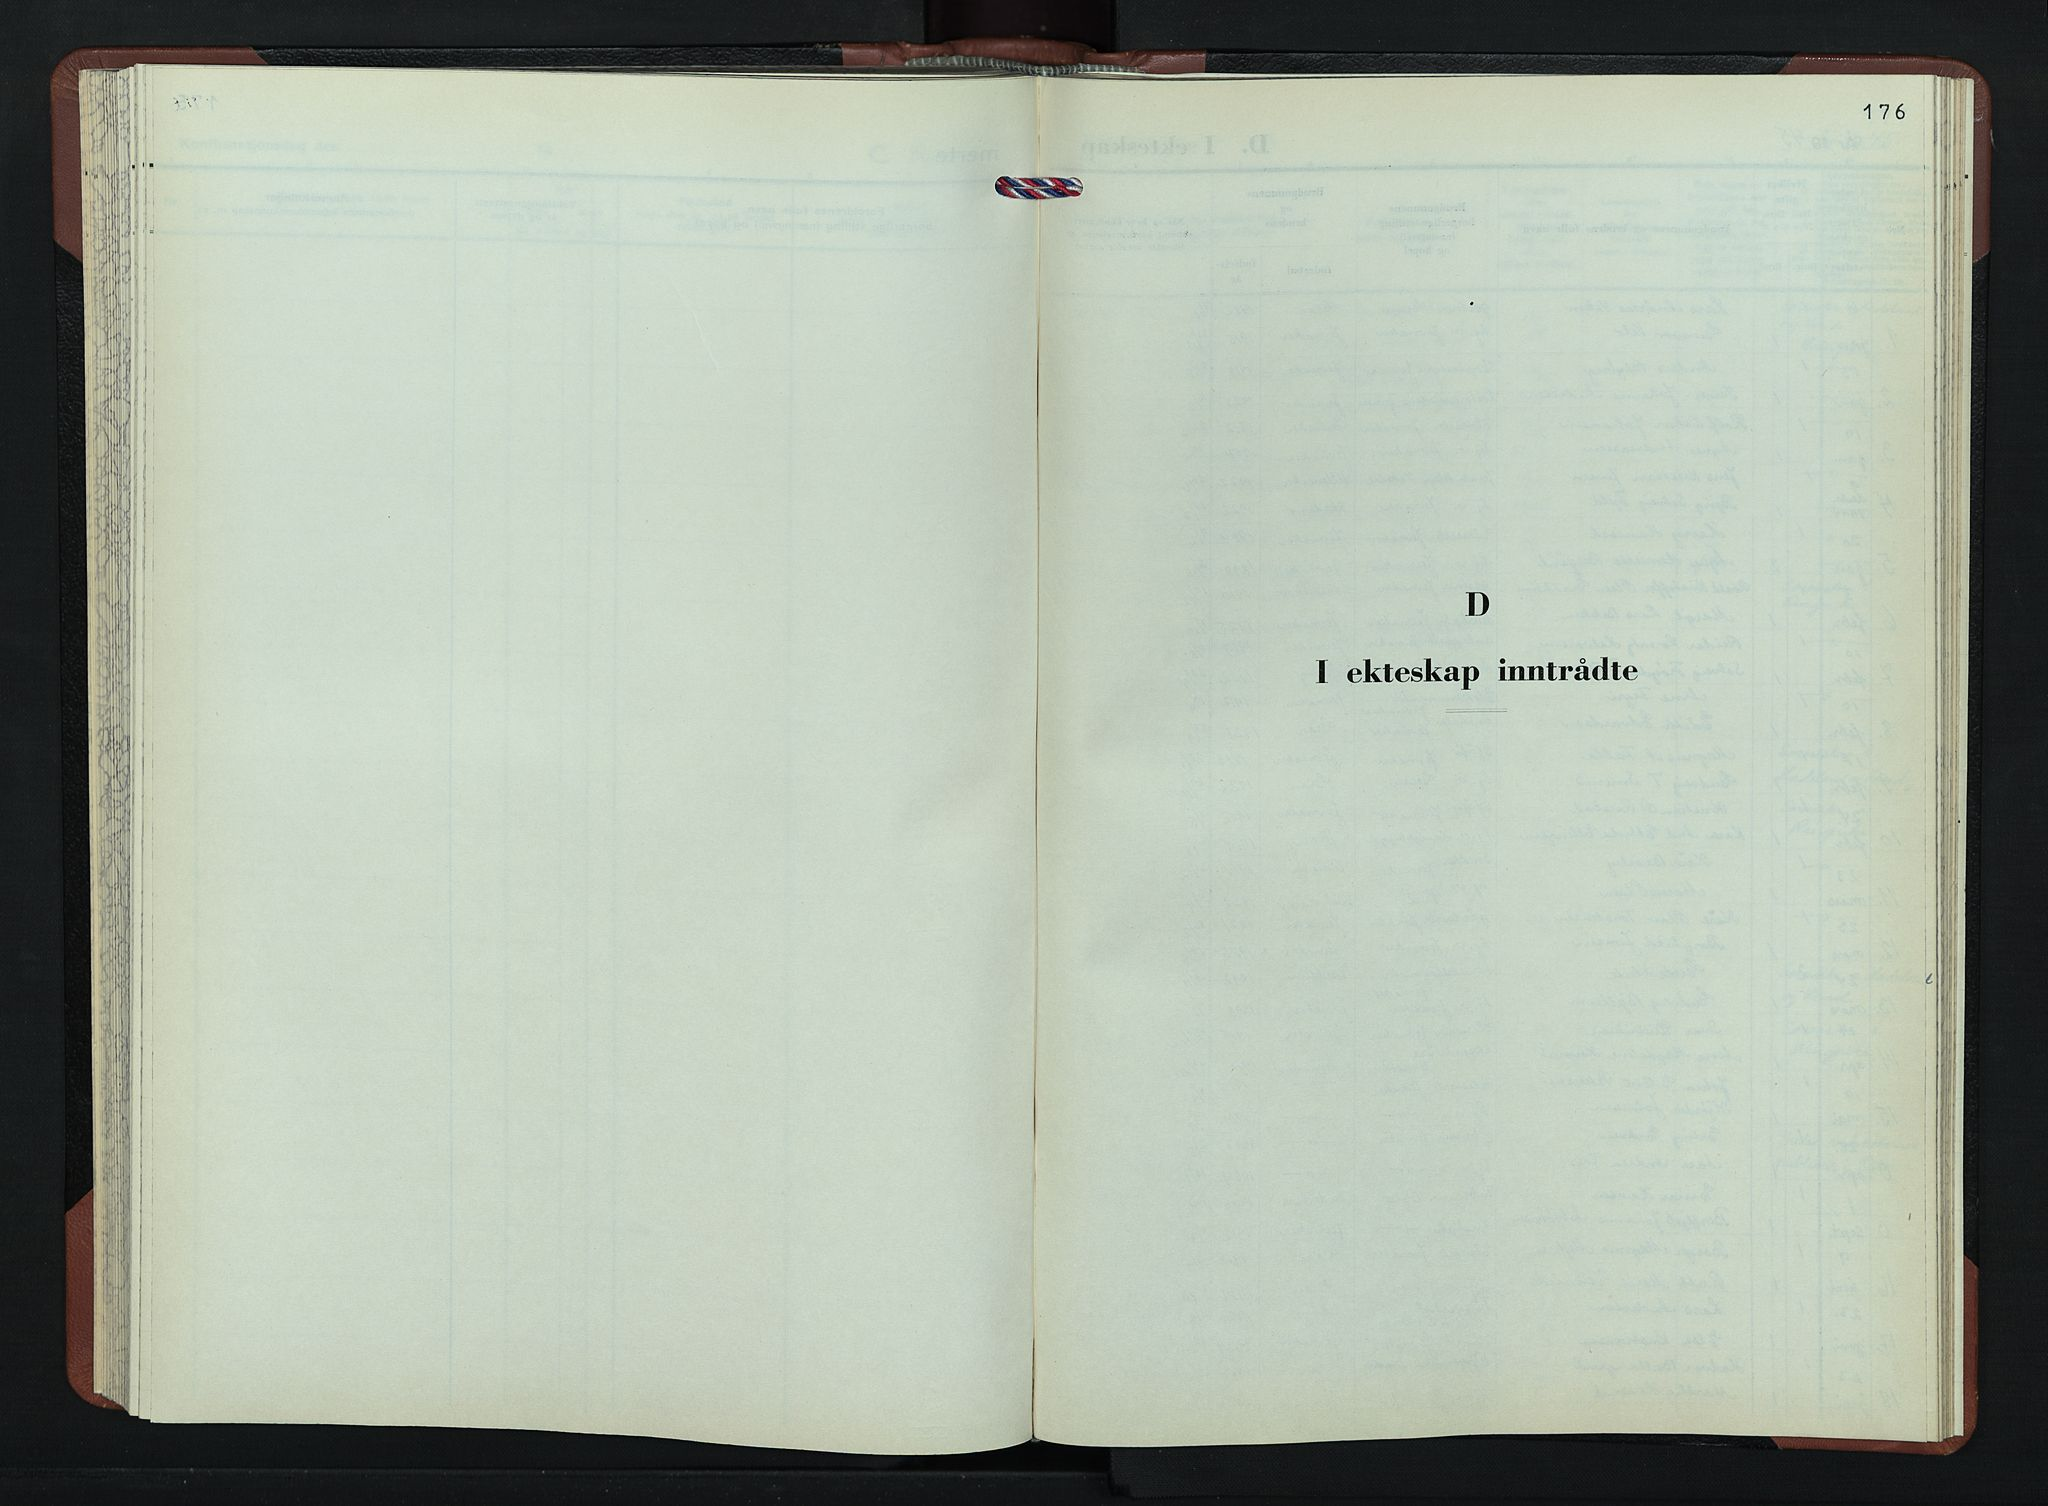 SAH, Jevnaker prestekontor, Klokkerbok nr. 7, 1943-1953, s. 176